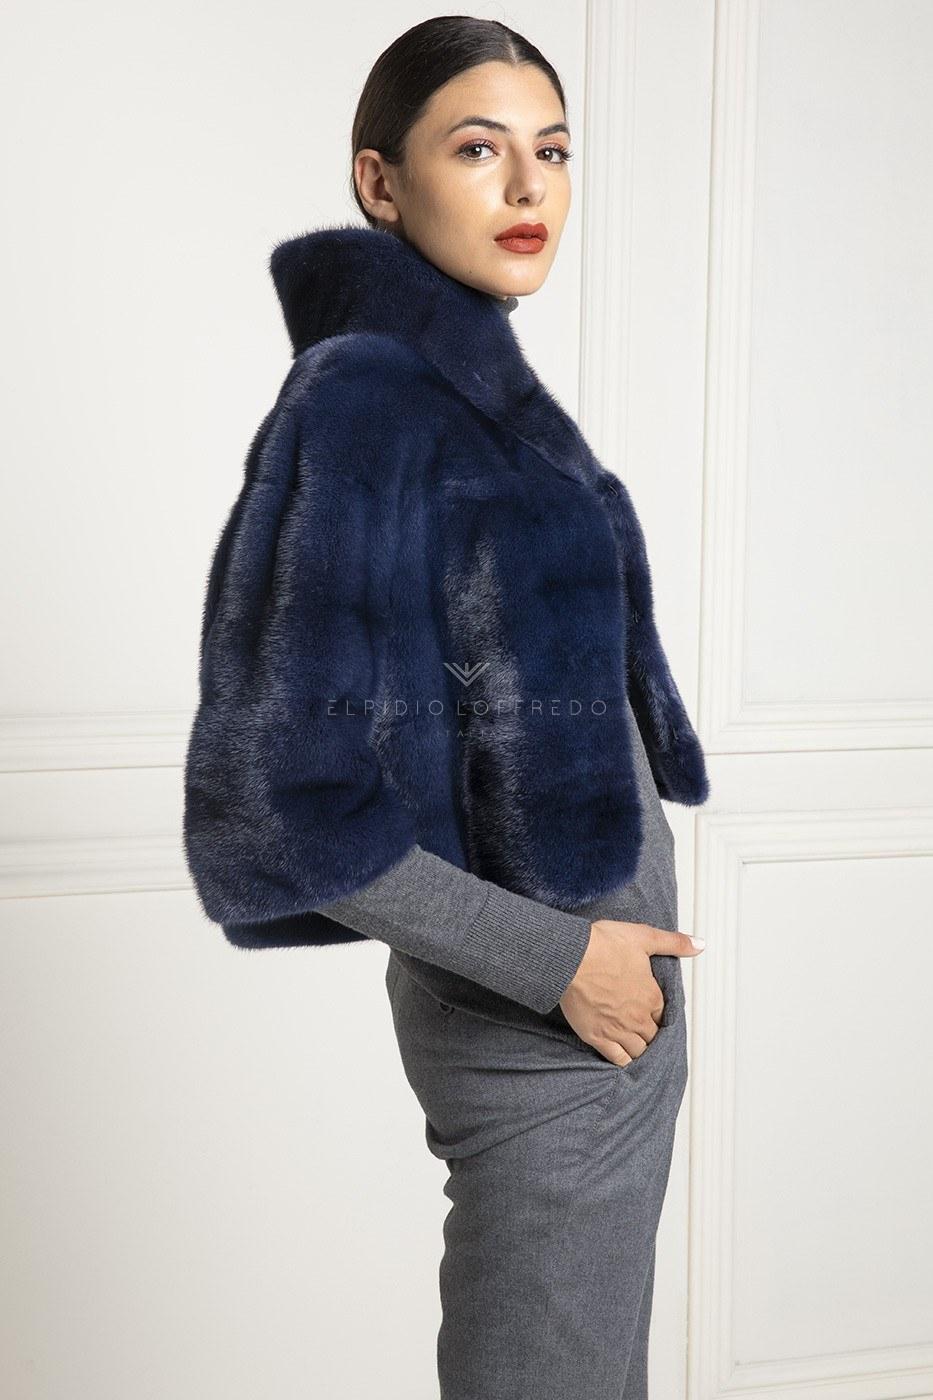 Giacca di Visone Blue con collo rotondo - Lunghezza 50 cm